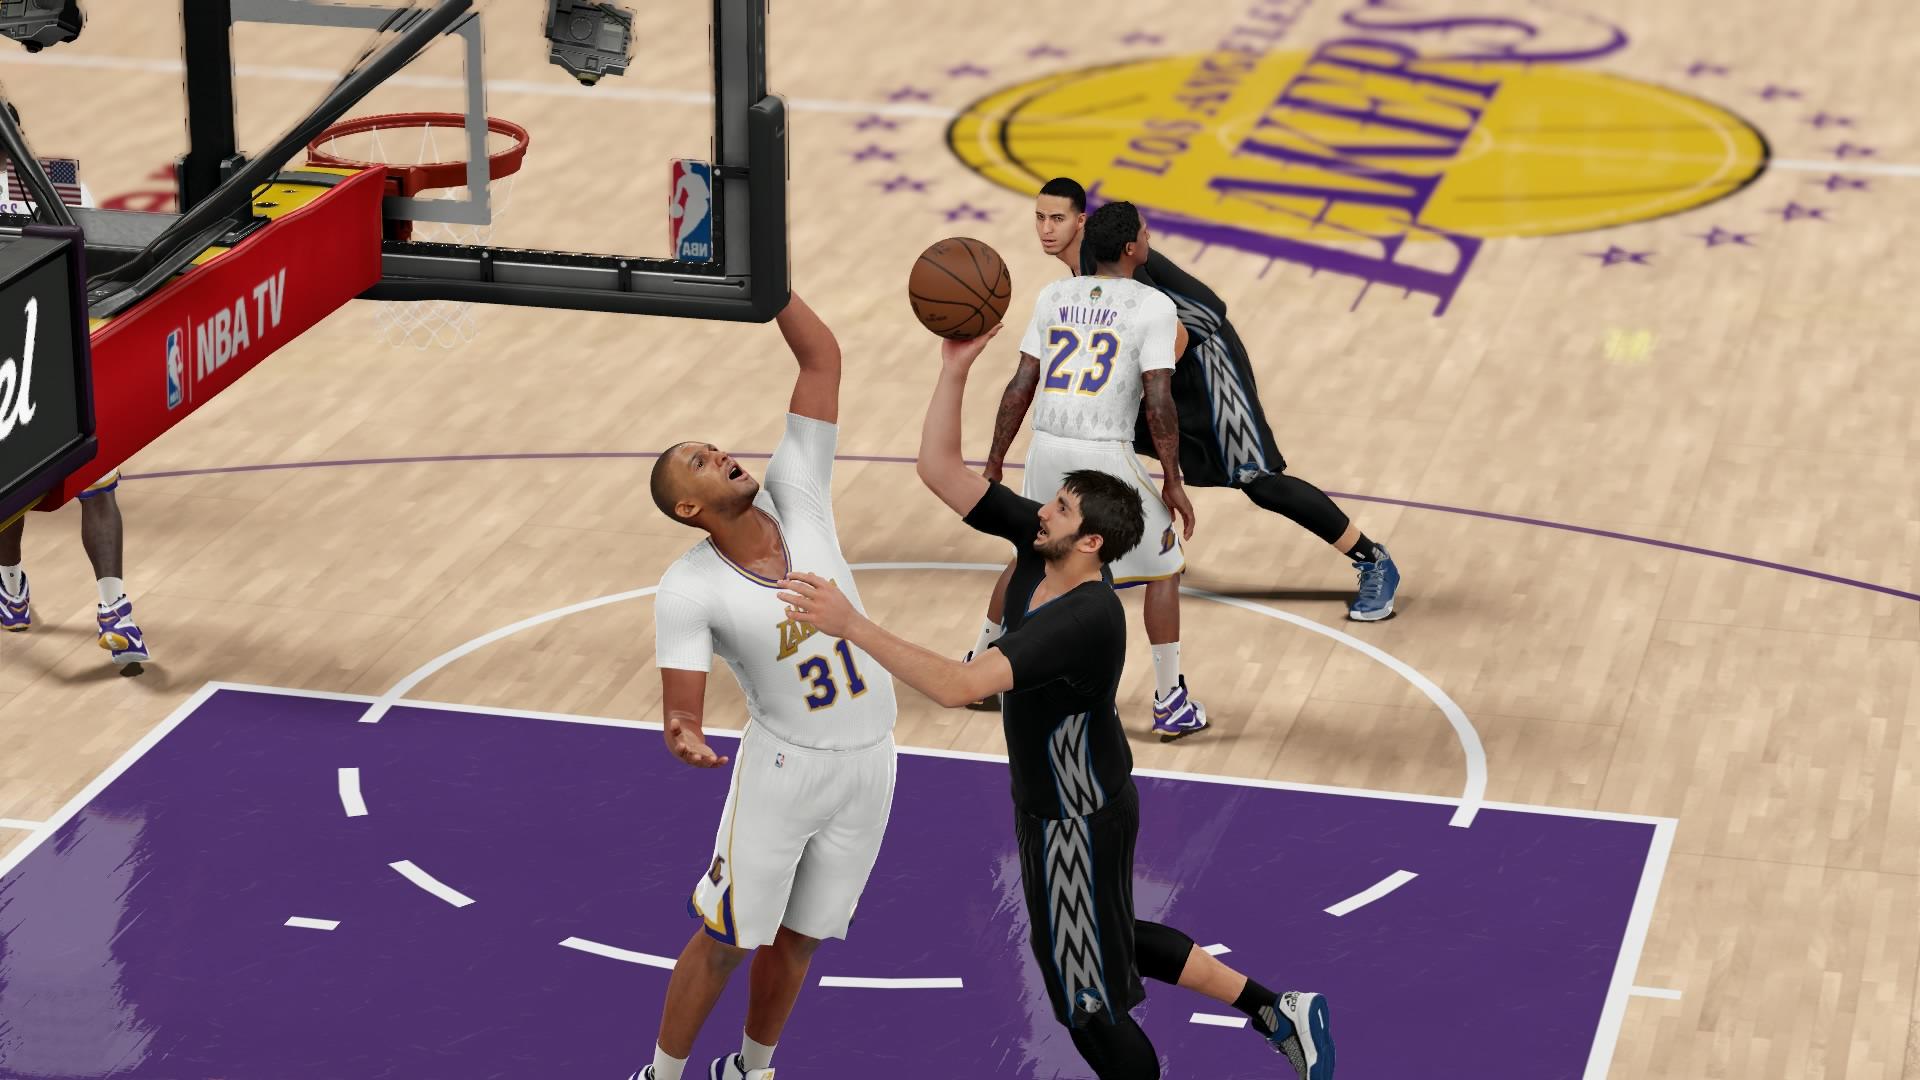 Recenze NBA 2K16 10877